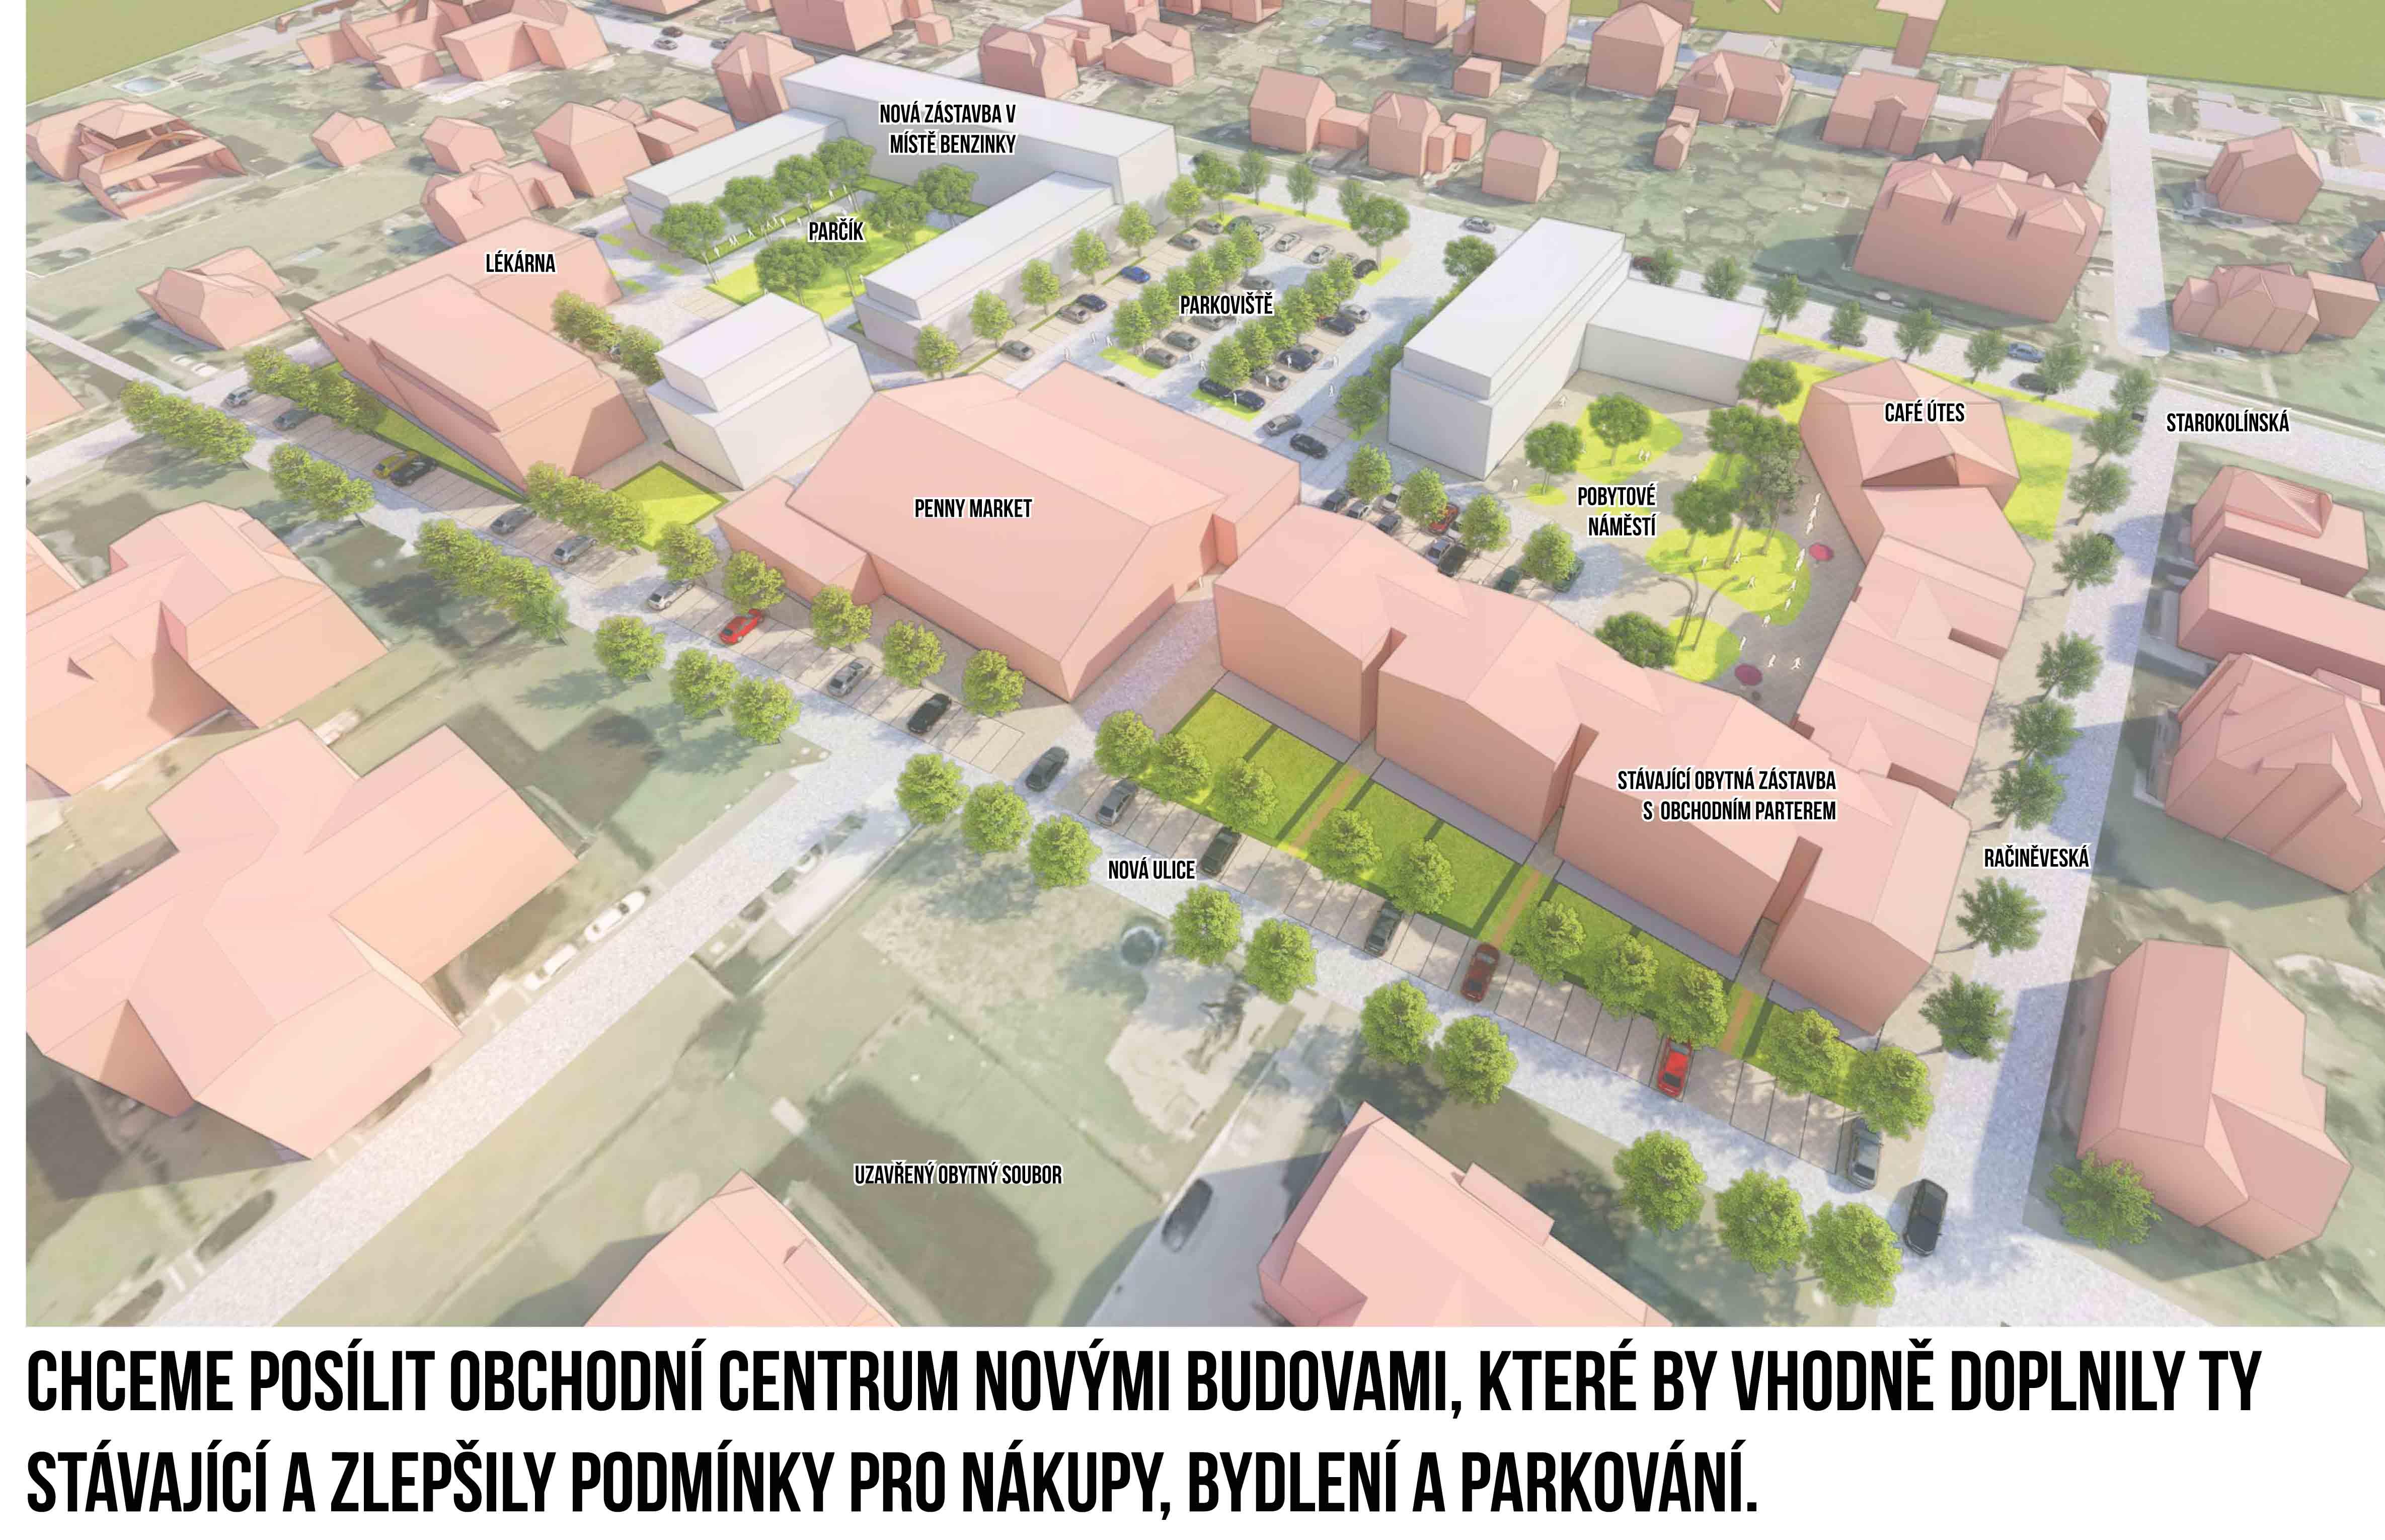 Chceme posílit obchodní centrum novými budovami, které by vhodně doplnily ty stávající a zlepšily podmínky pro nákupy, bydlení a parkování